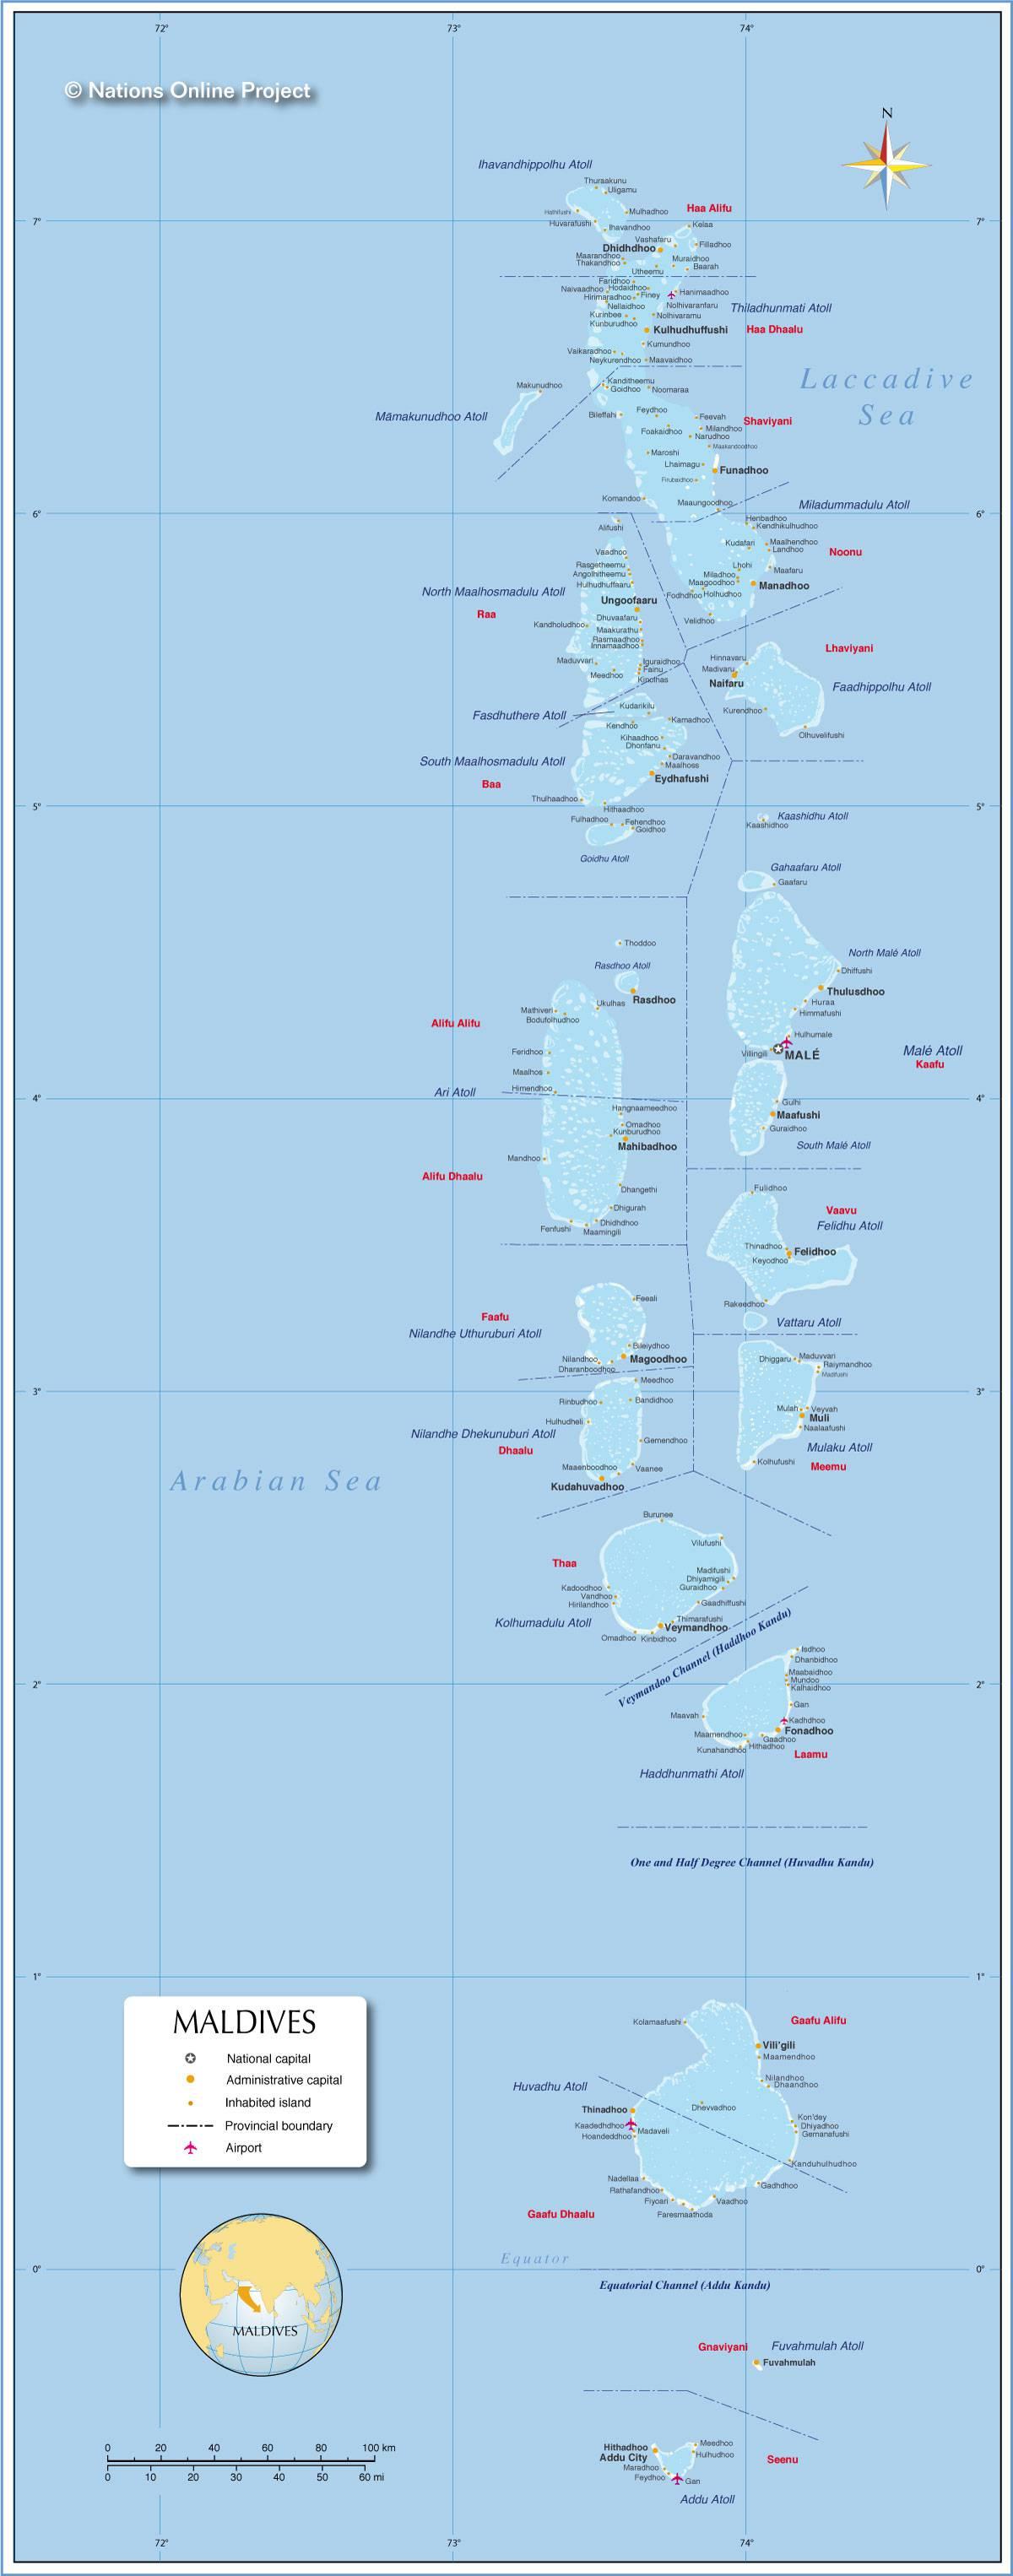 Carte géographique des Maldives